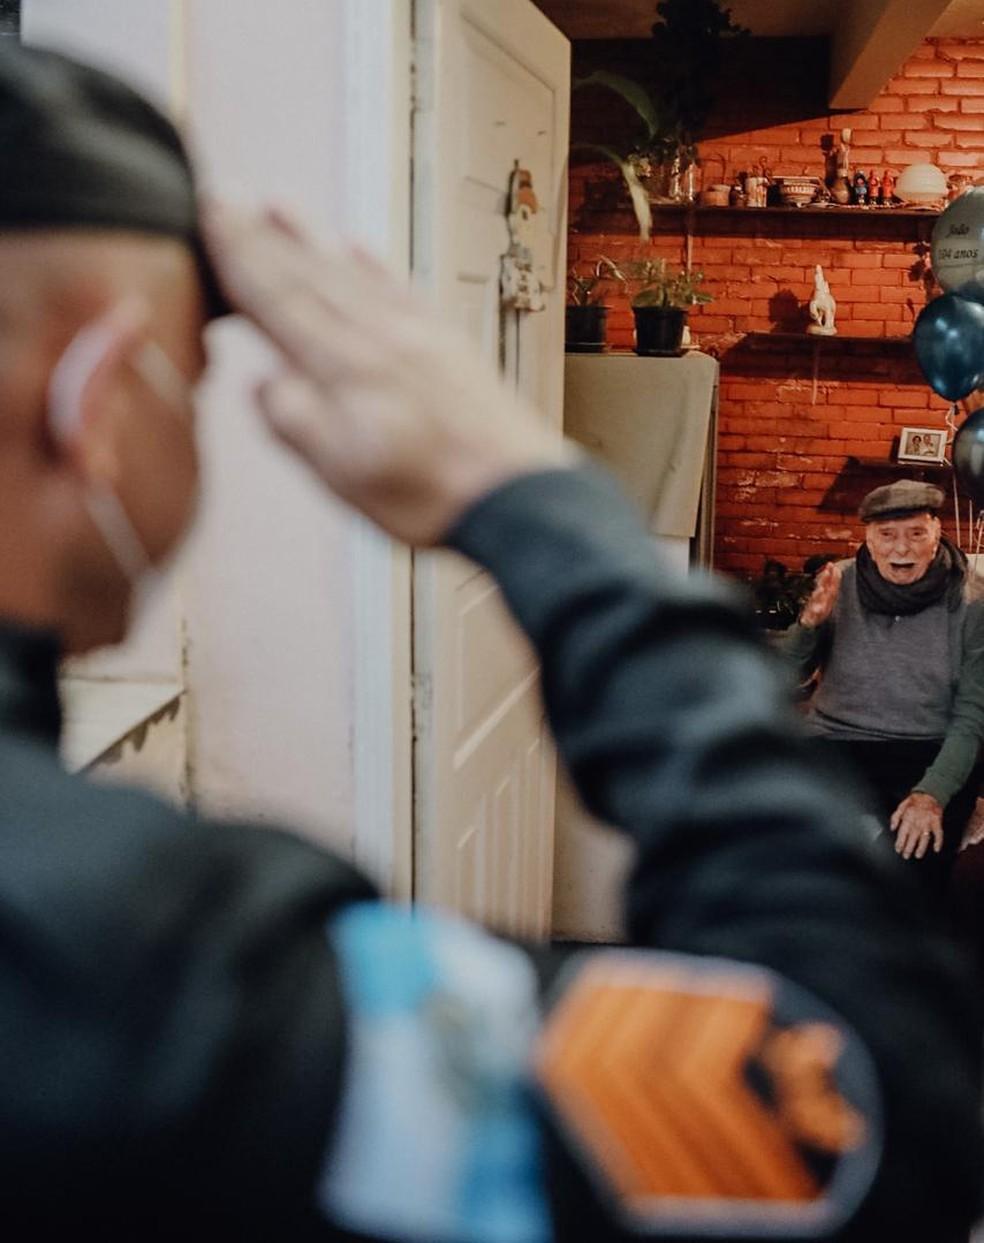 João Freire Jucá Sobrinho atuou durante 40 anos na Polícia Militar. Ele recebeu continência de representante da PM durante seu aniversário de 104 anos em Petrópolis — Foto: Giovani Garcia